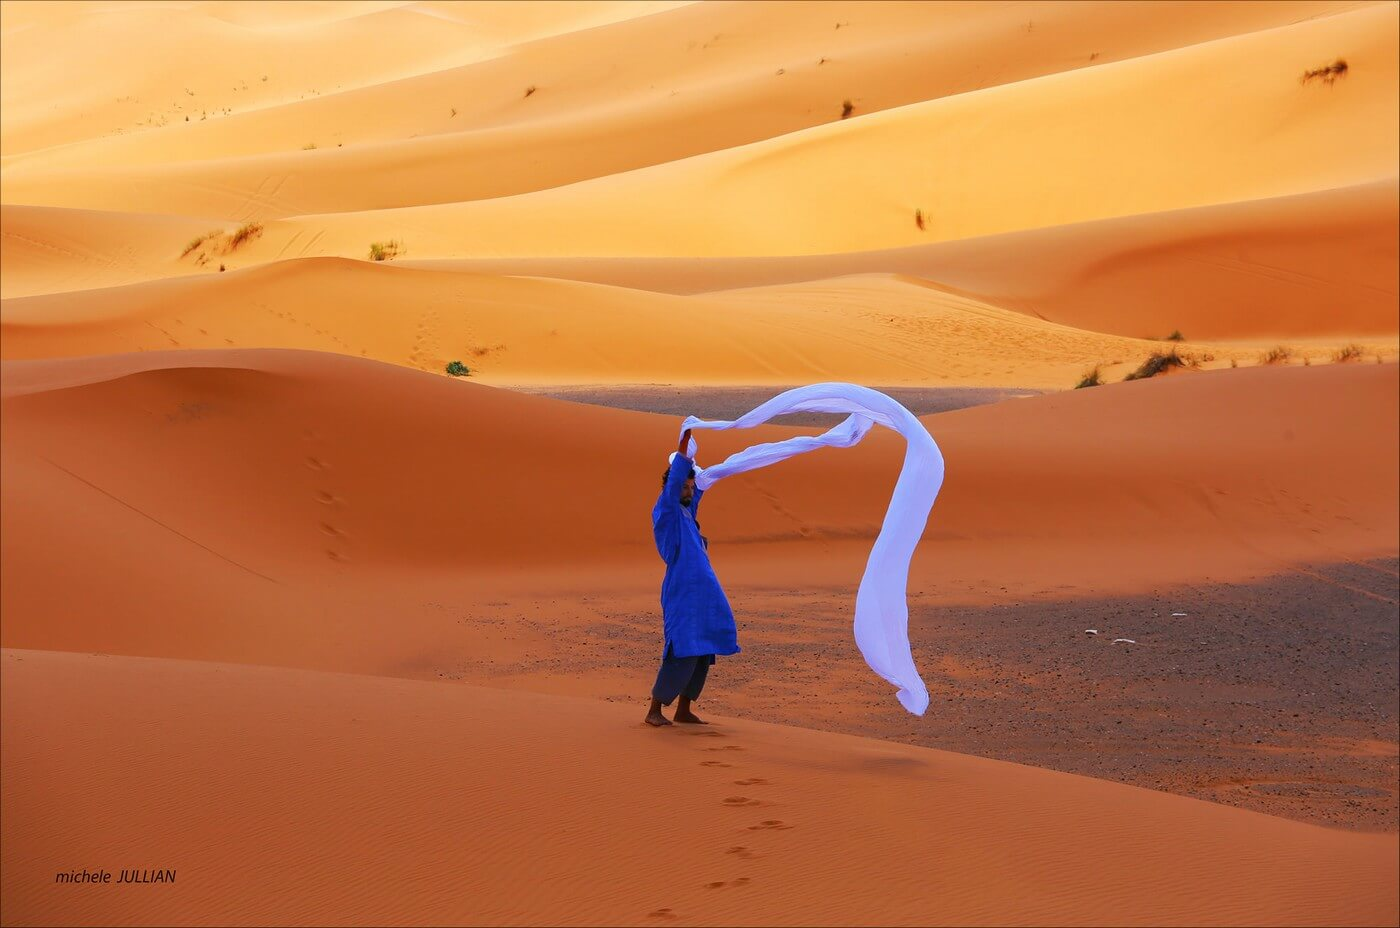 un berbère avec son foulard dans le désert marocain